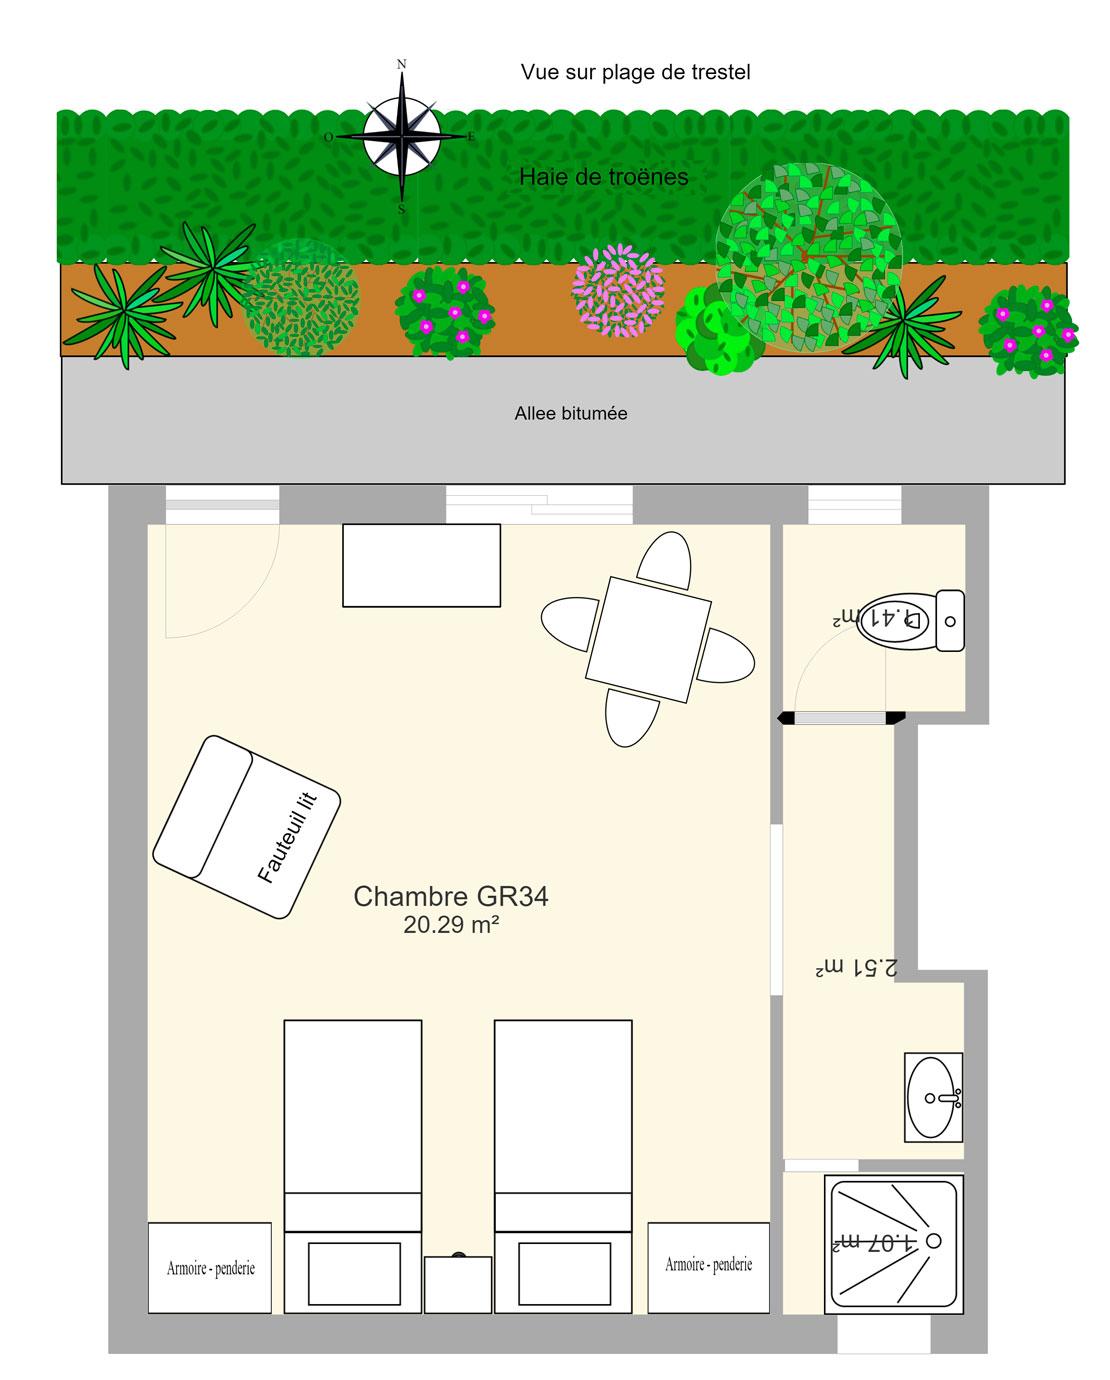 Plan chambre GR34